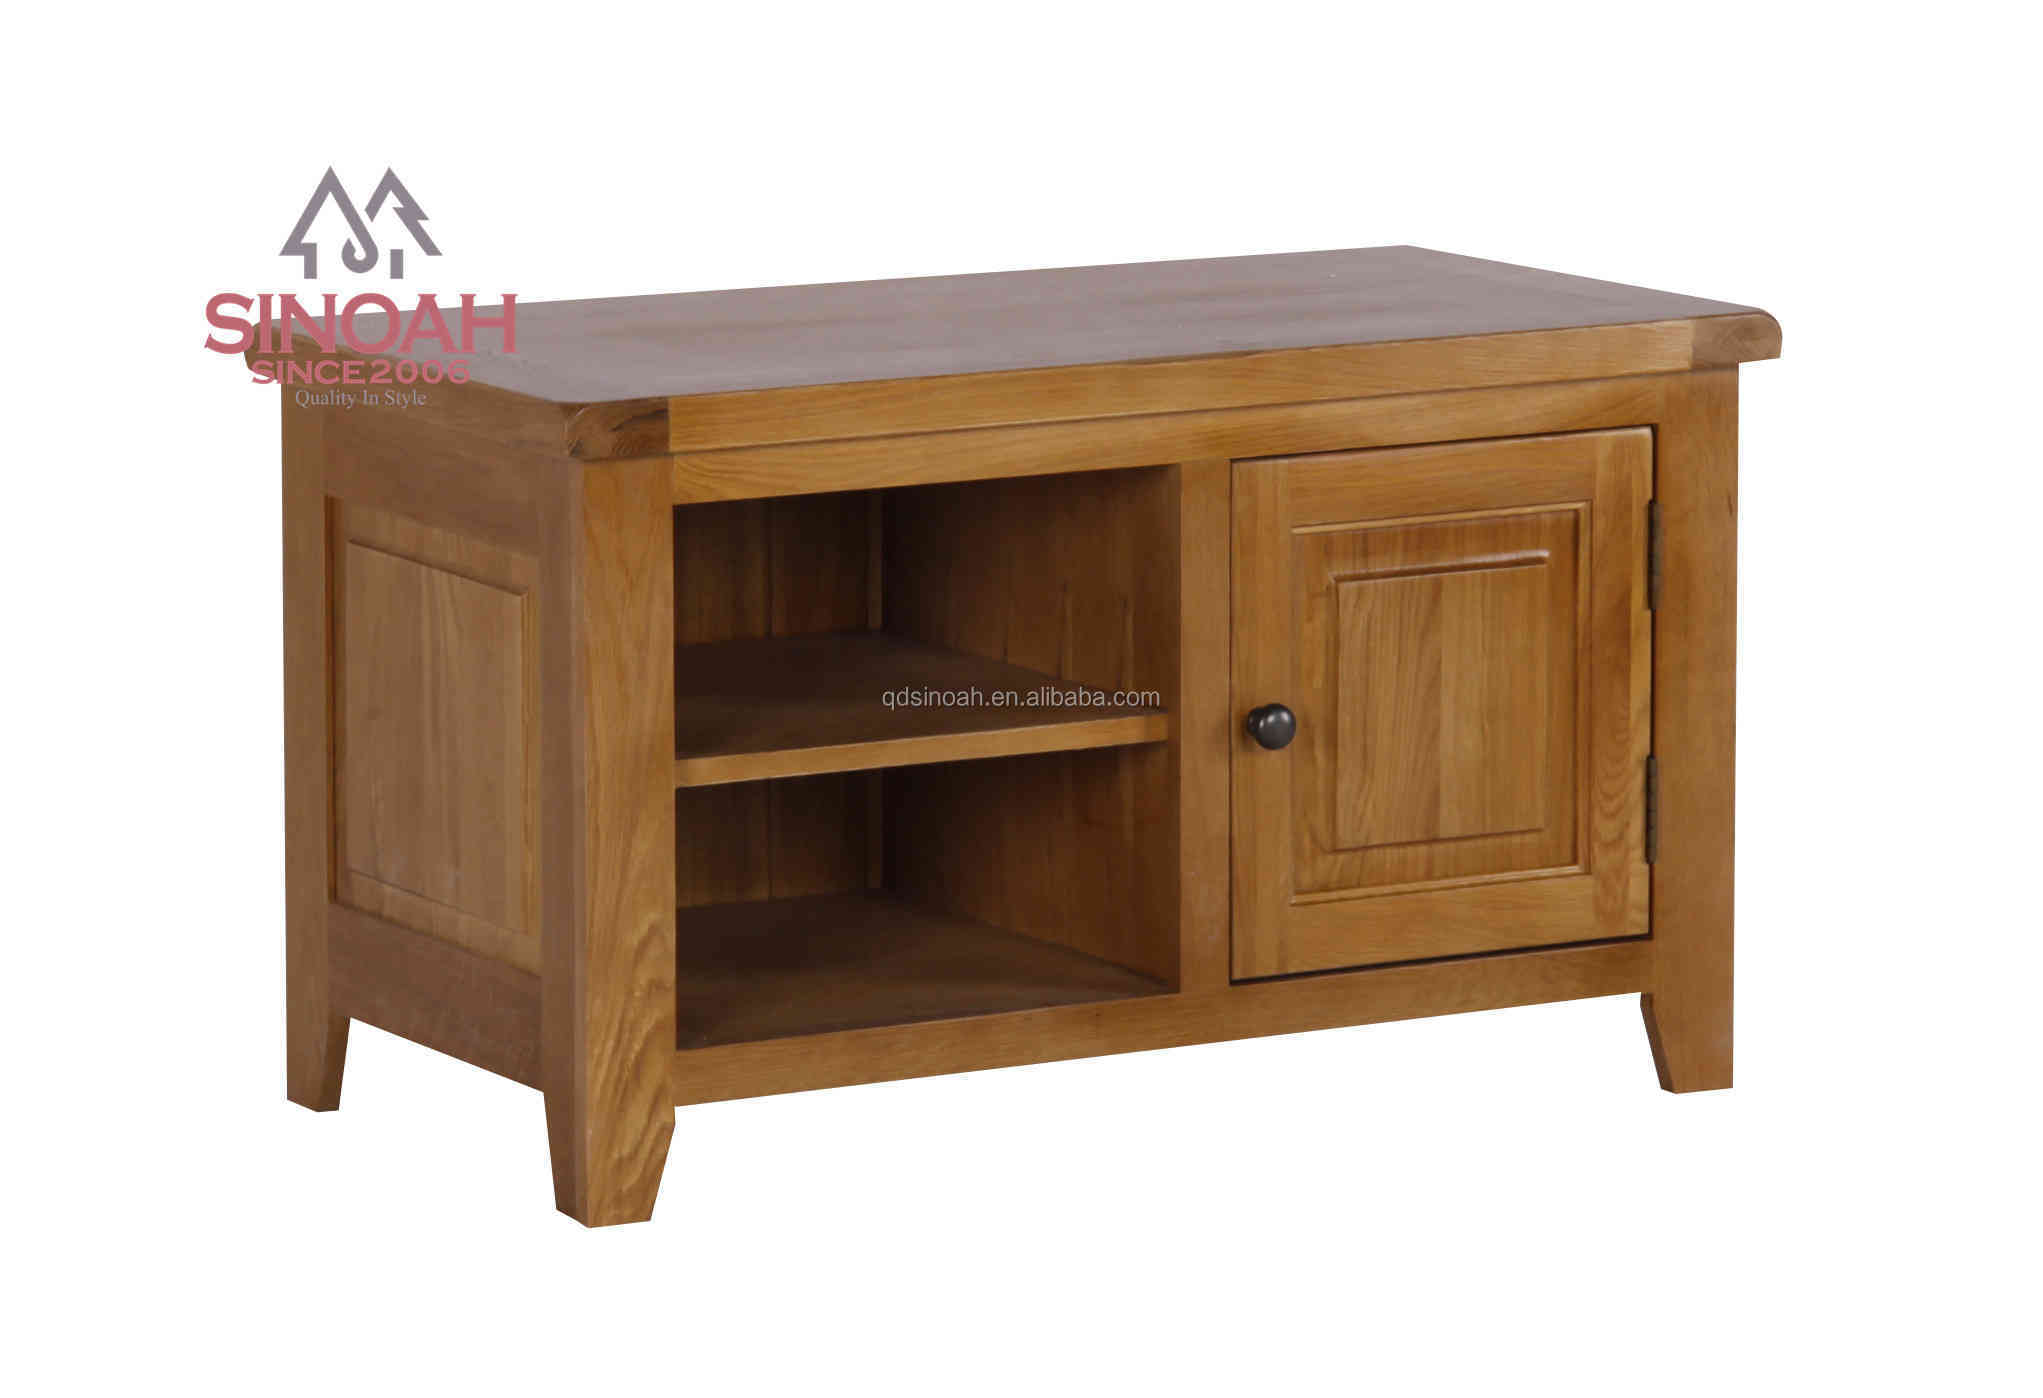 Massief eiken kleine tv meubel houten doos woonkamer for Houten meubels woonkamer